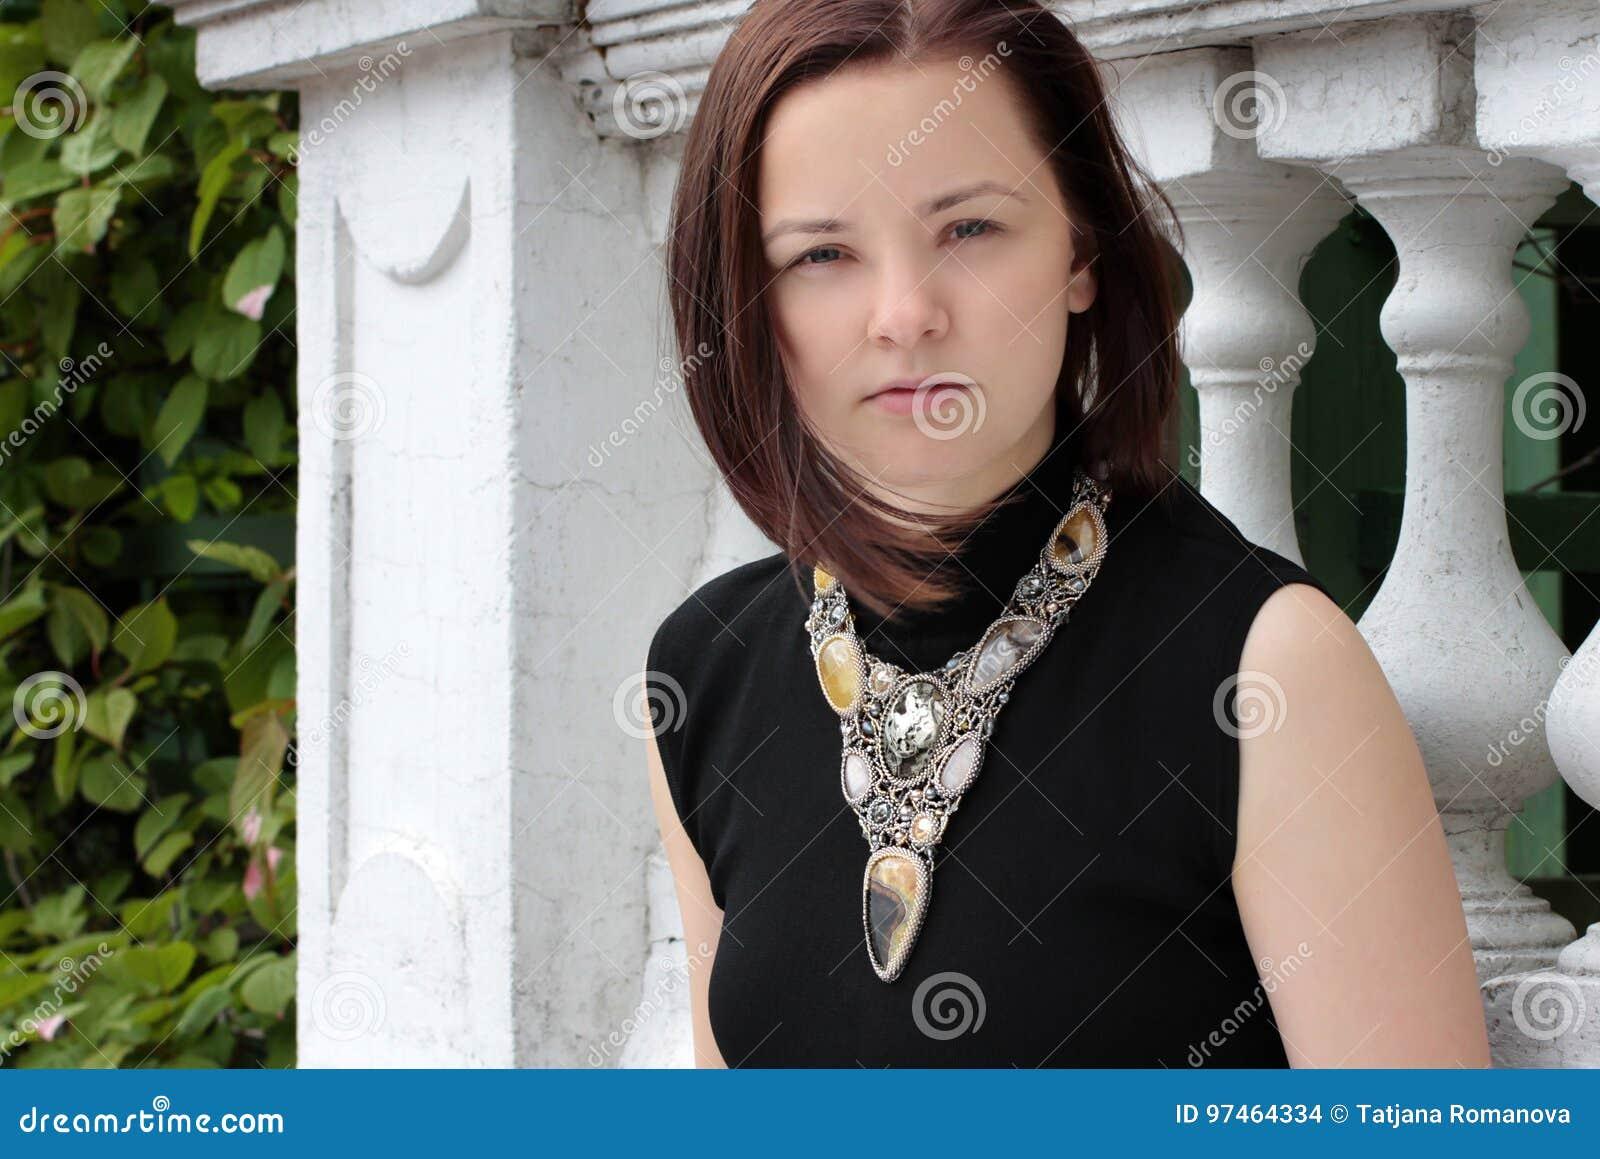 Πορτρέτο μιας νέας γυναίκας στην οδό